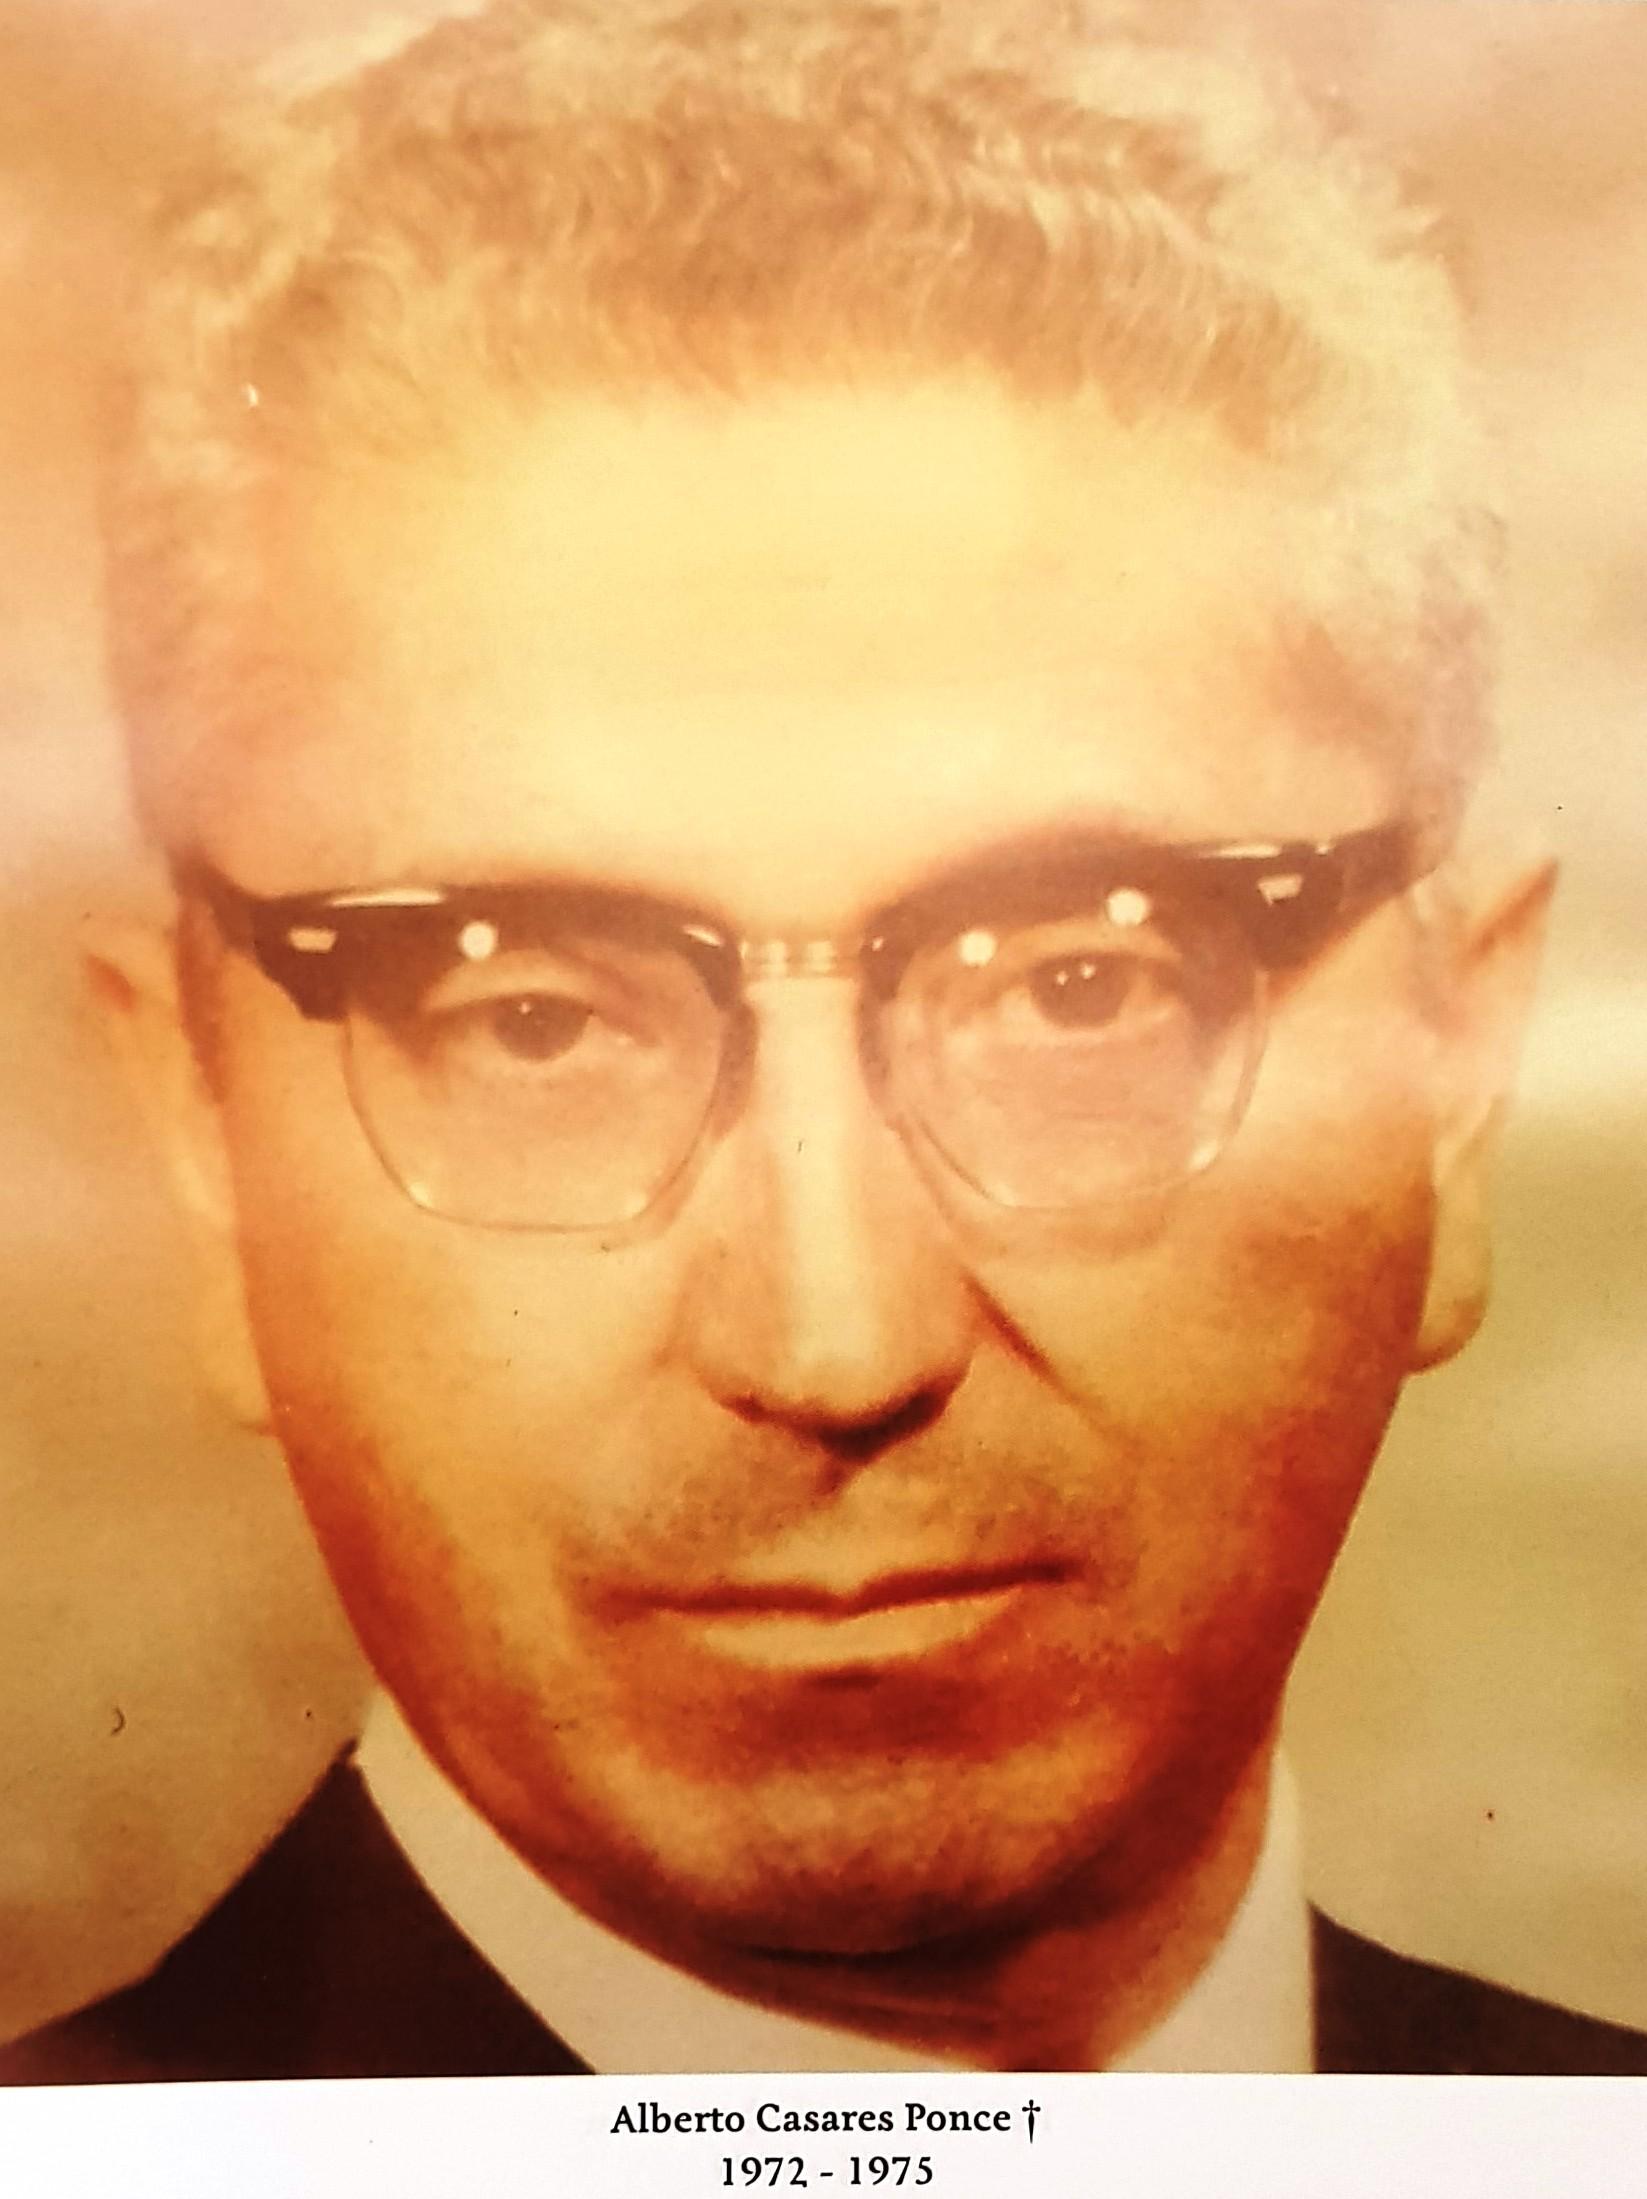 PRESIDENTE DE COPARMEX SR. ALBERTO CASARES PONCE